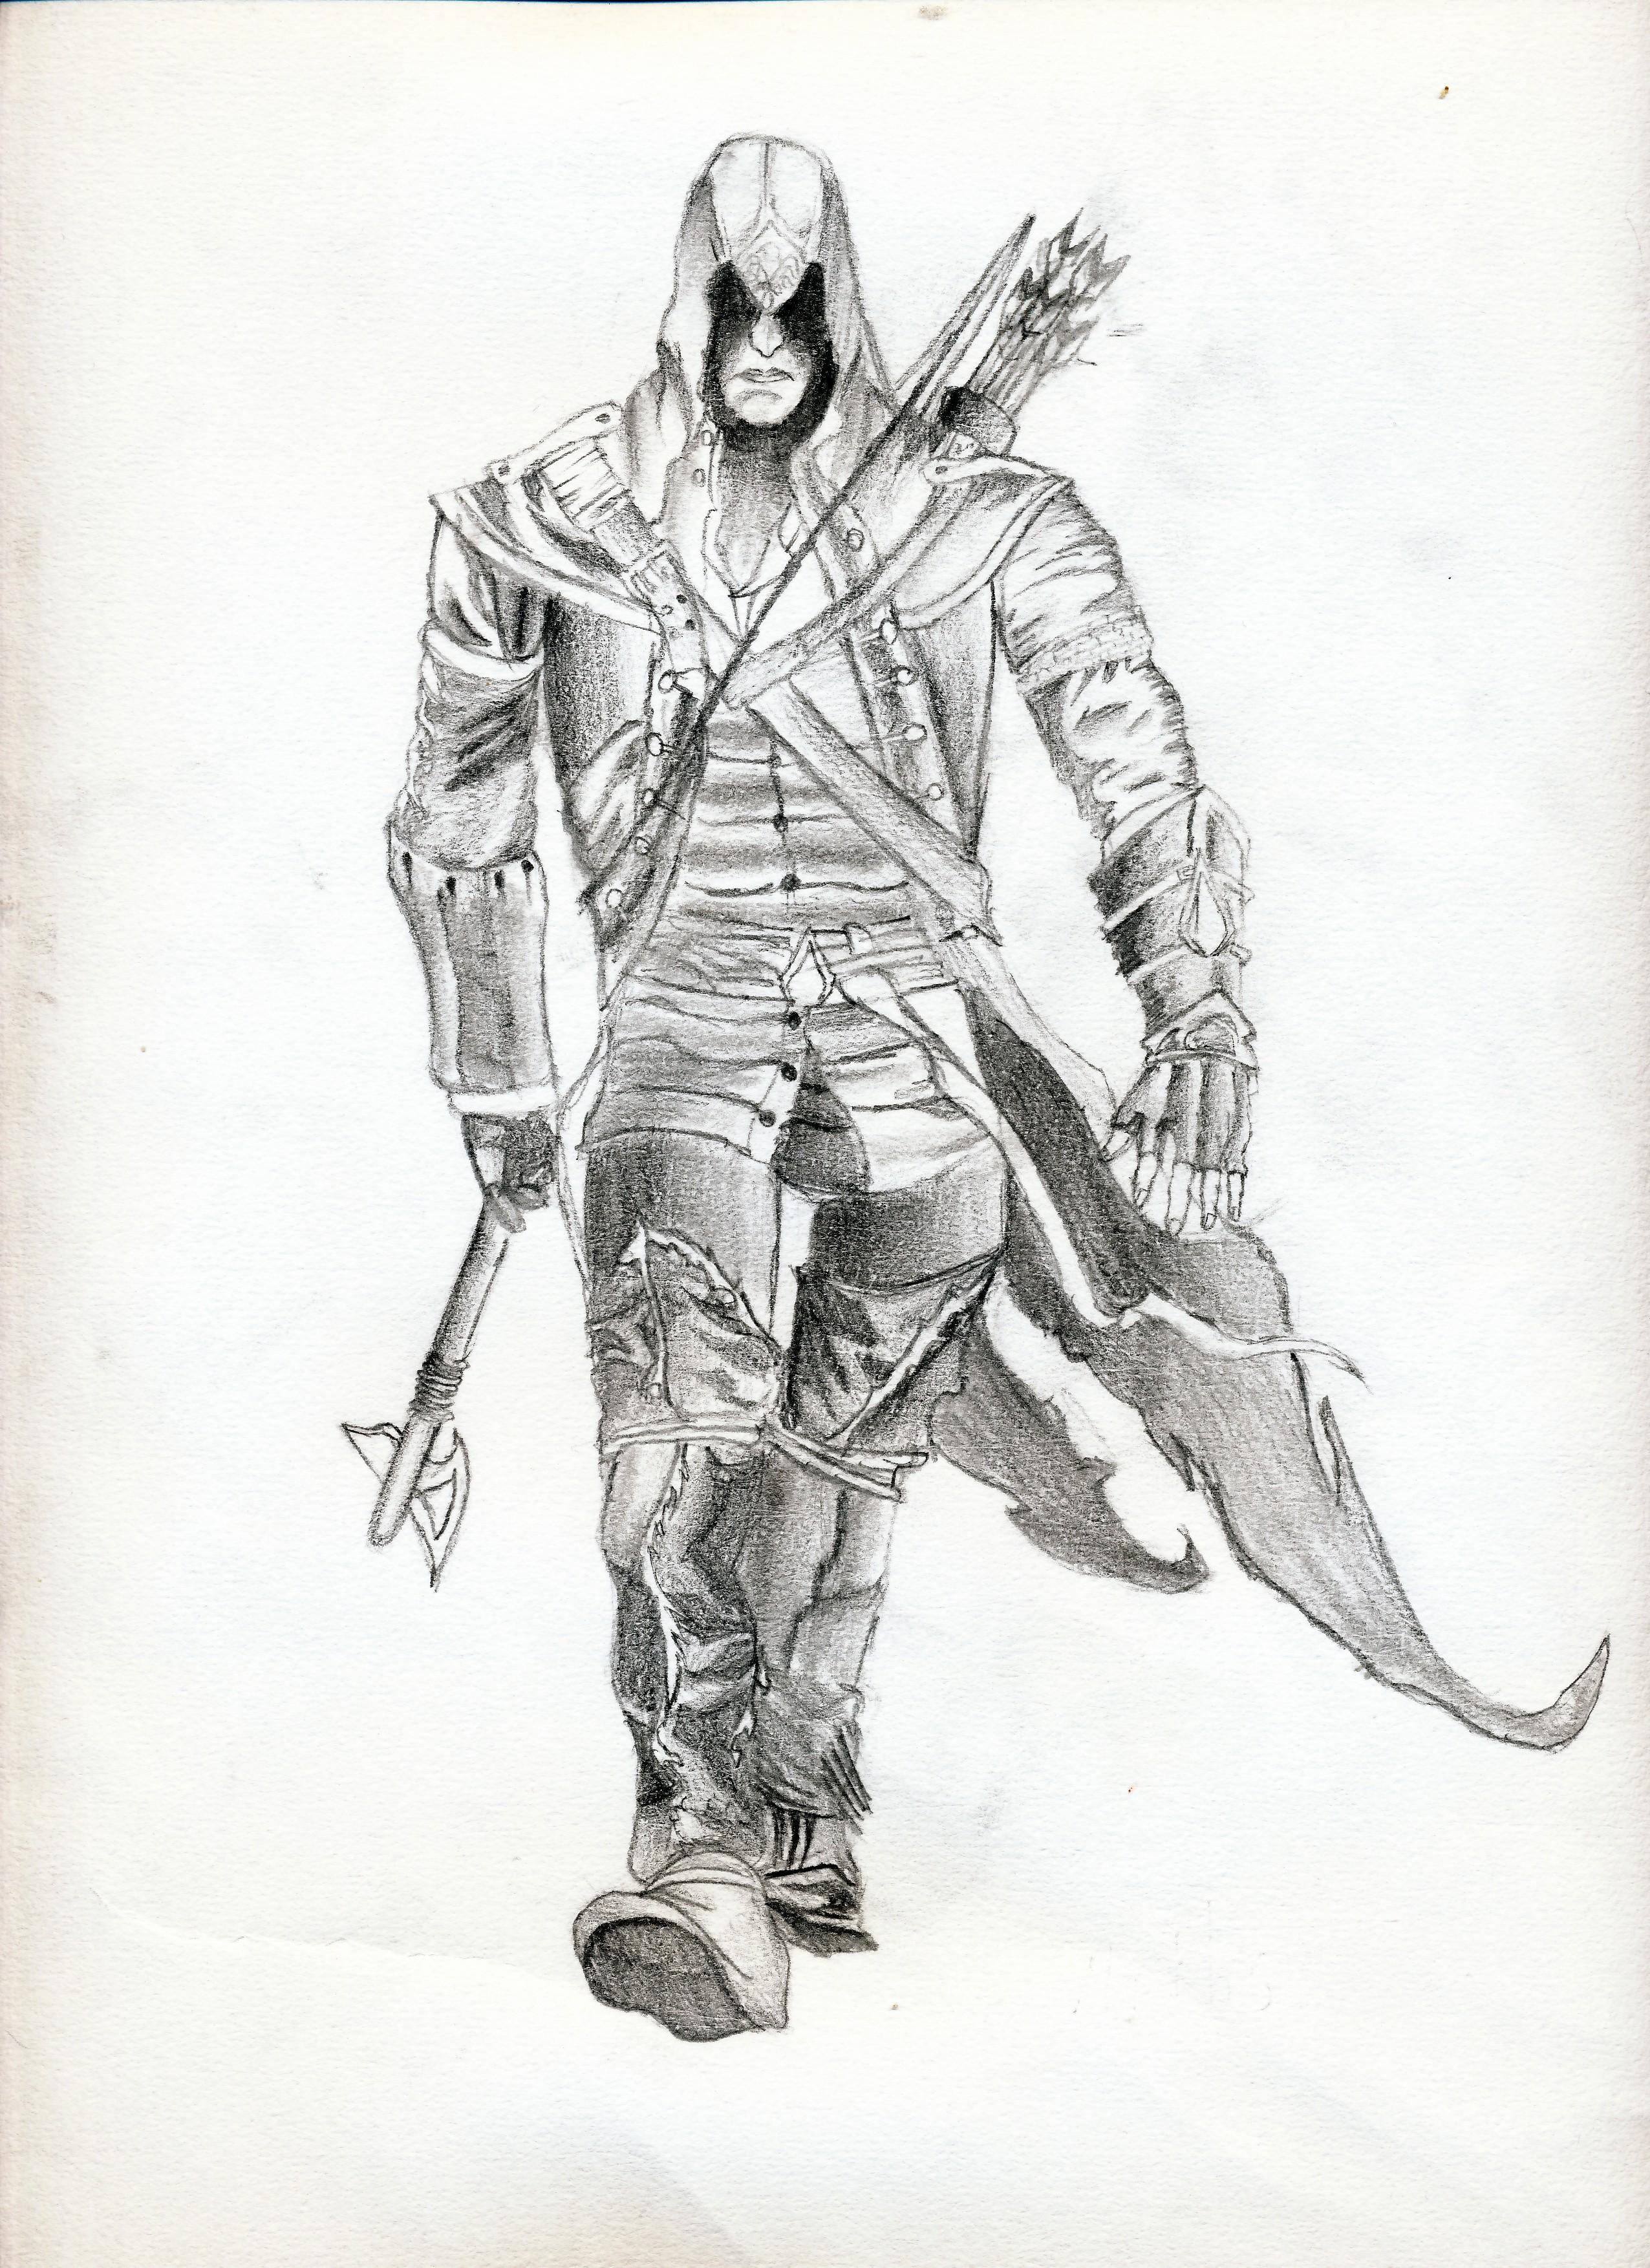 Art Vos Dessins Assassin S Creed Sur Le Forum Assassin S Creed Unity 20 09 2013 17 43 05 Jeuxvideo Com